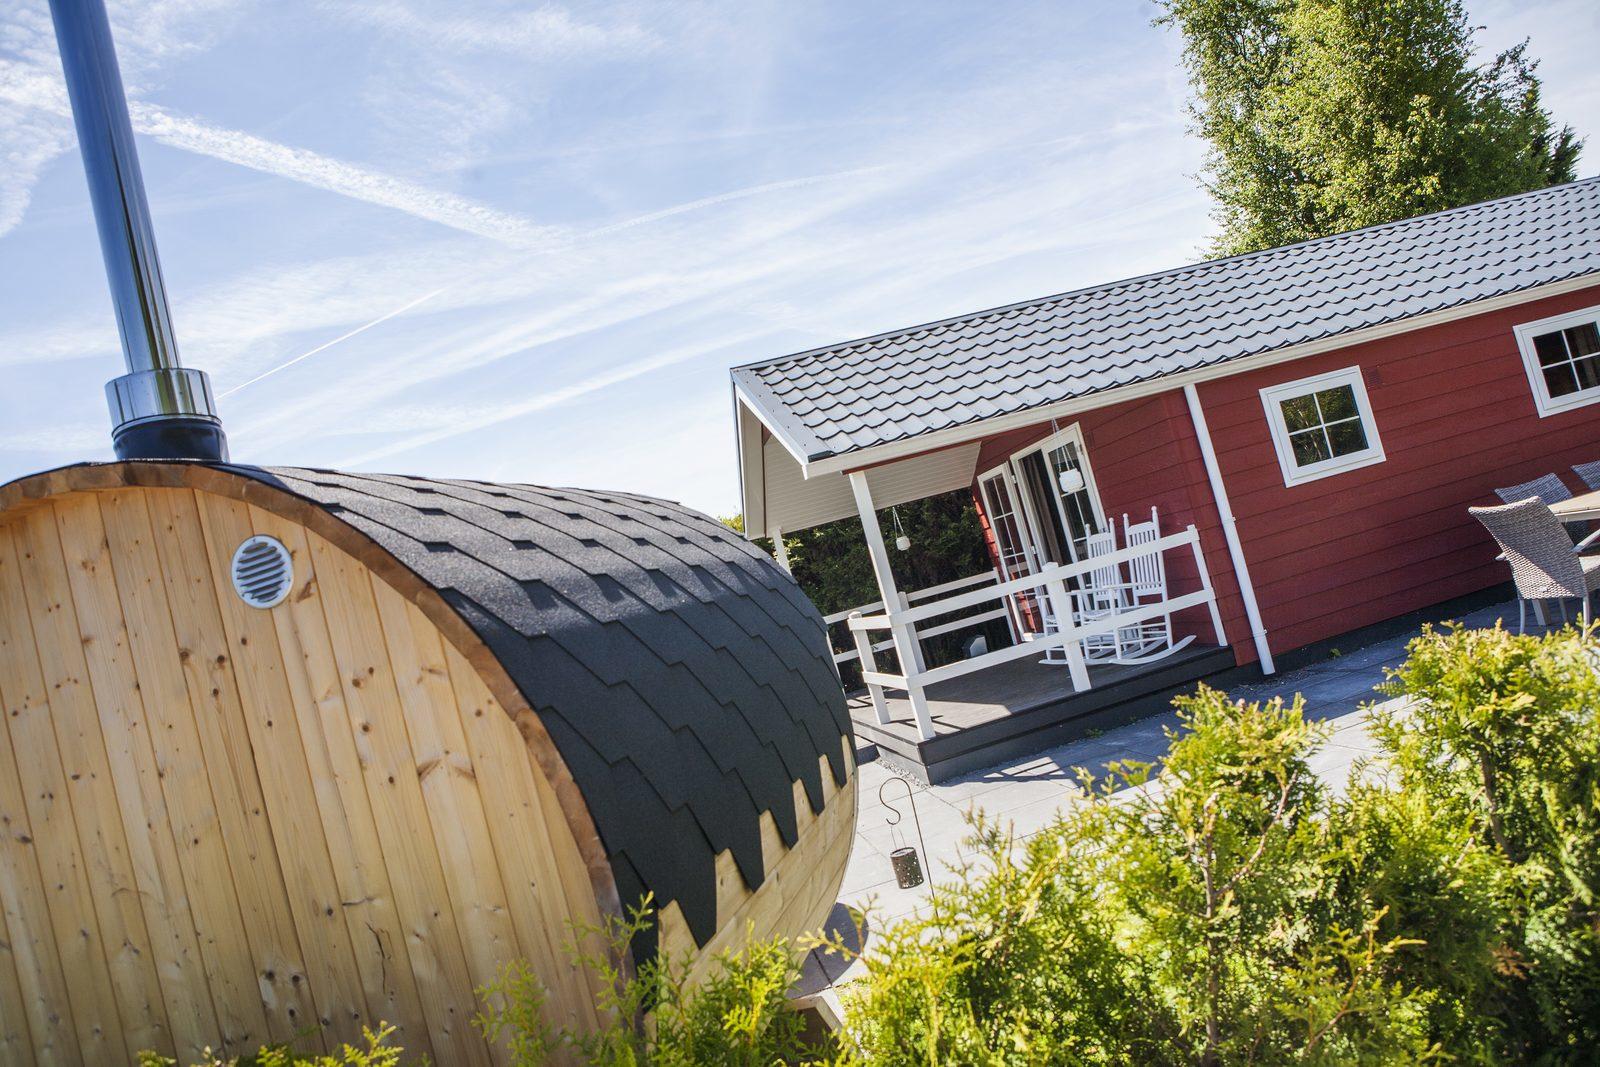 6-persoons Veluwelounge met wellness op de Veluwe | Recreatiepark De Boshoek